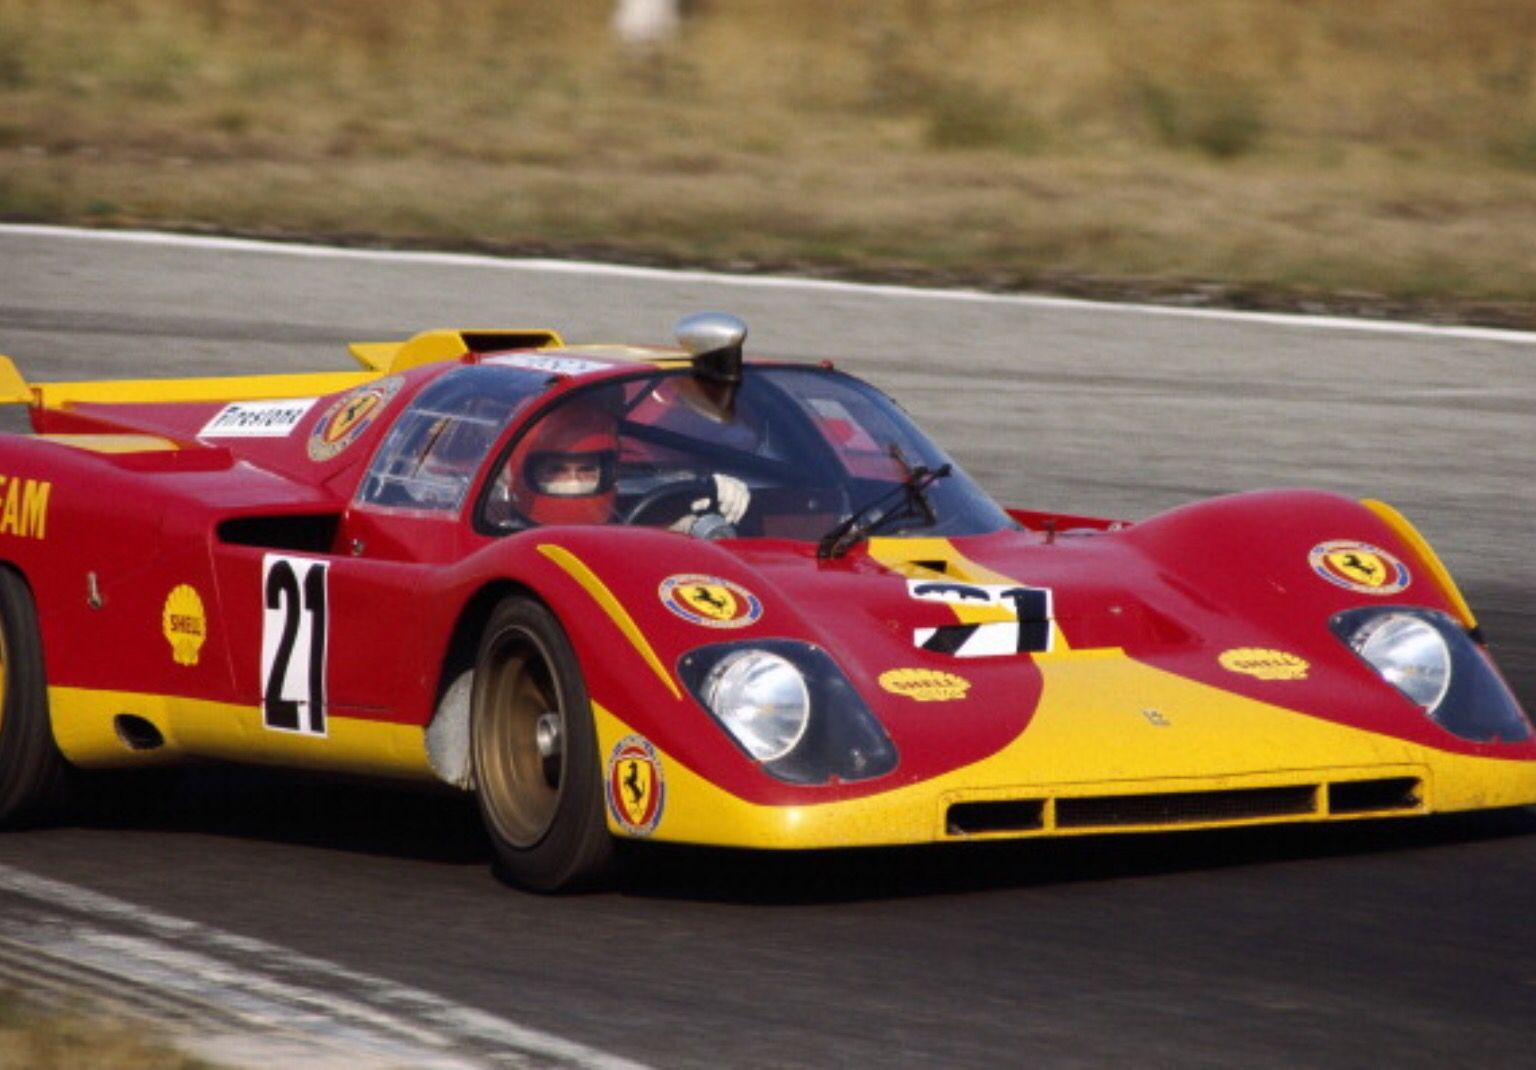 Ferrari 512 M. Ferrari racing, Sports car racing